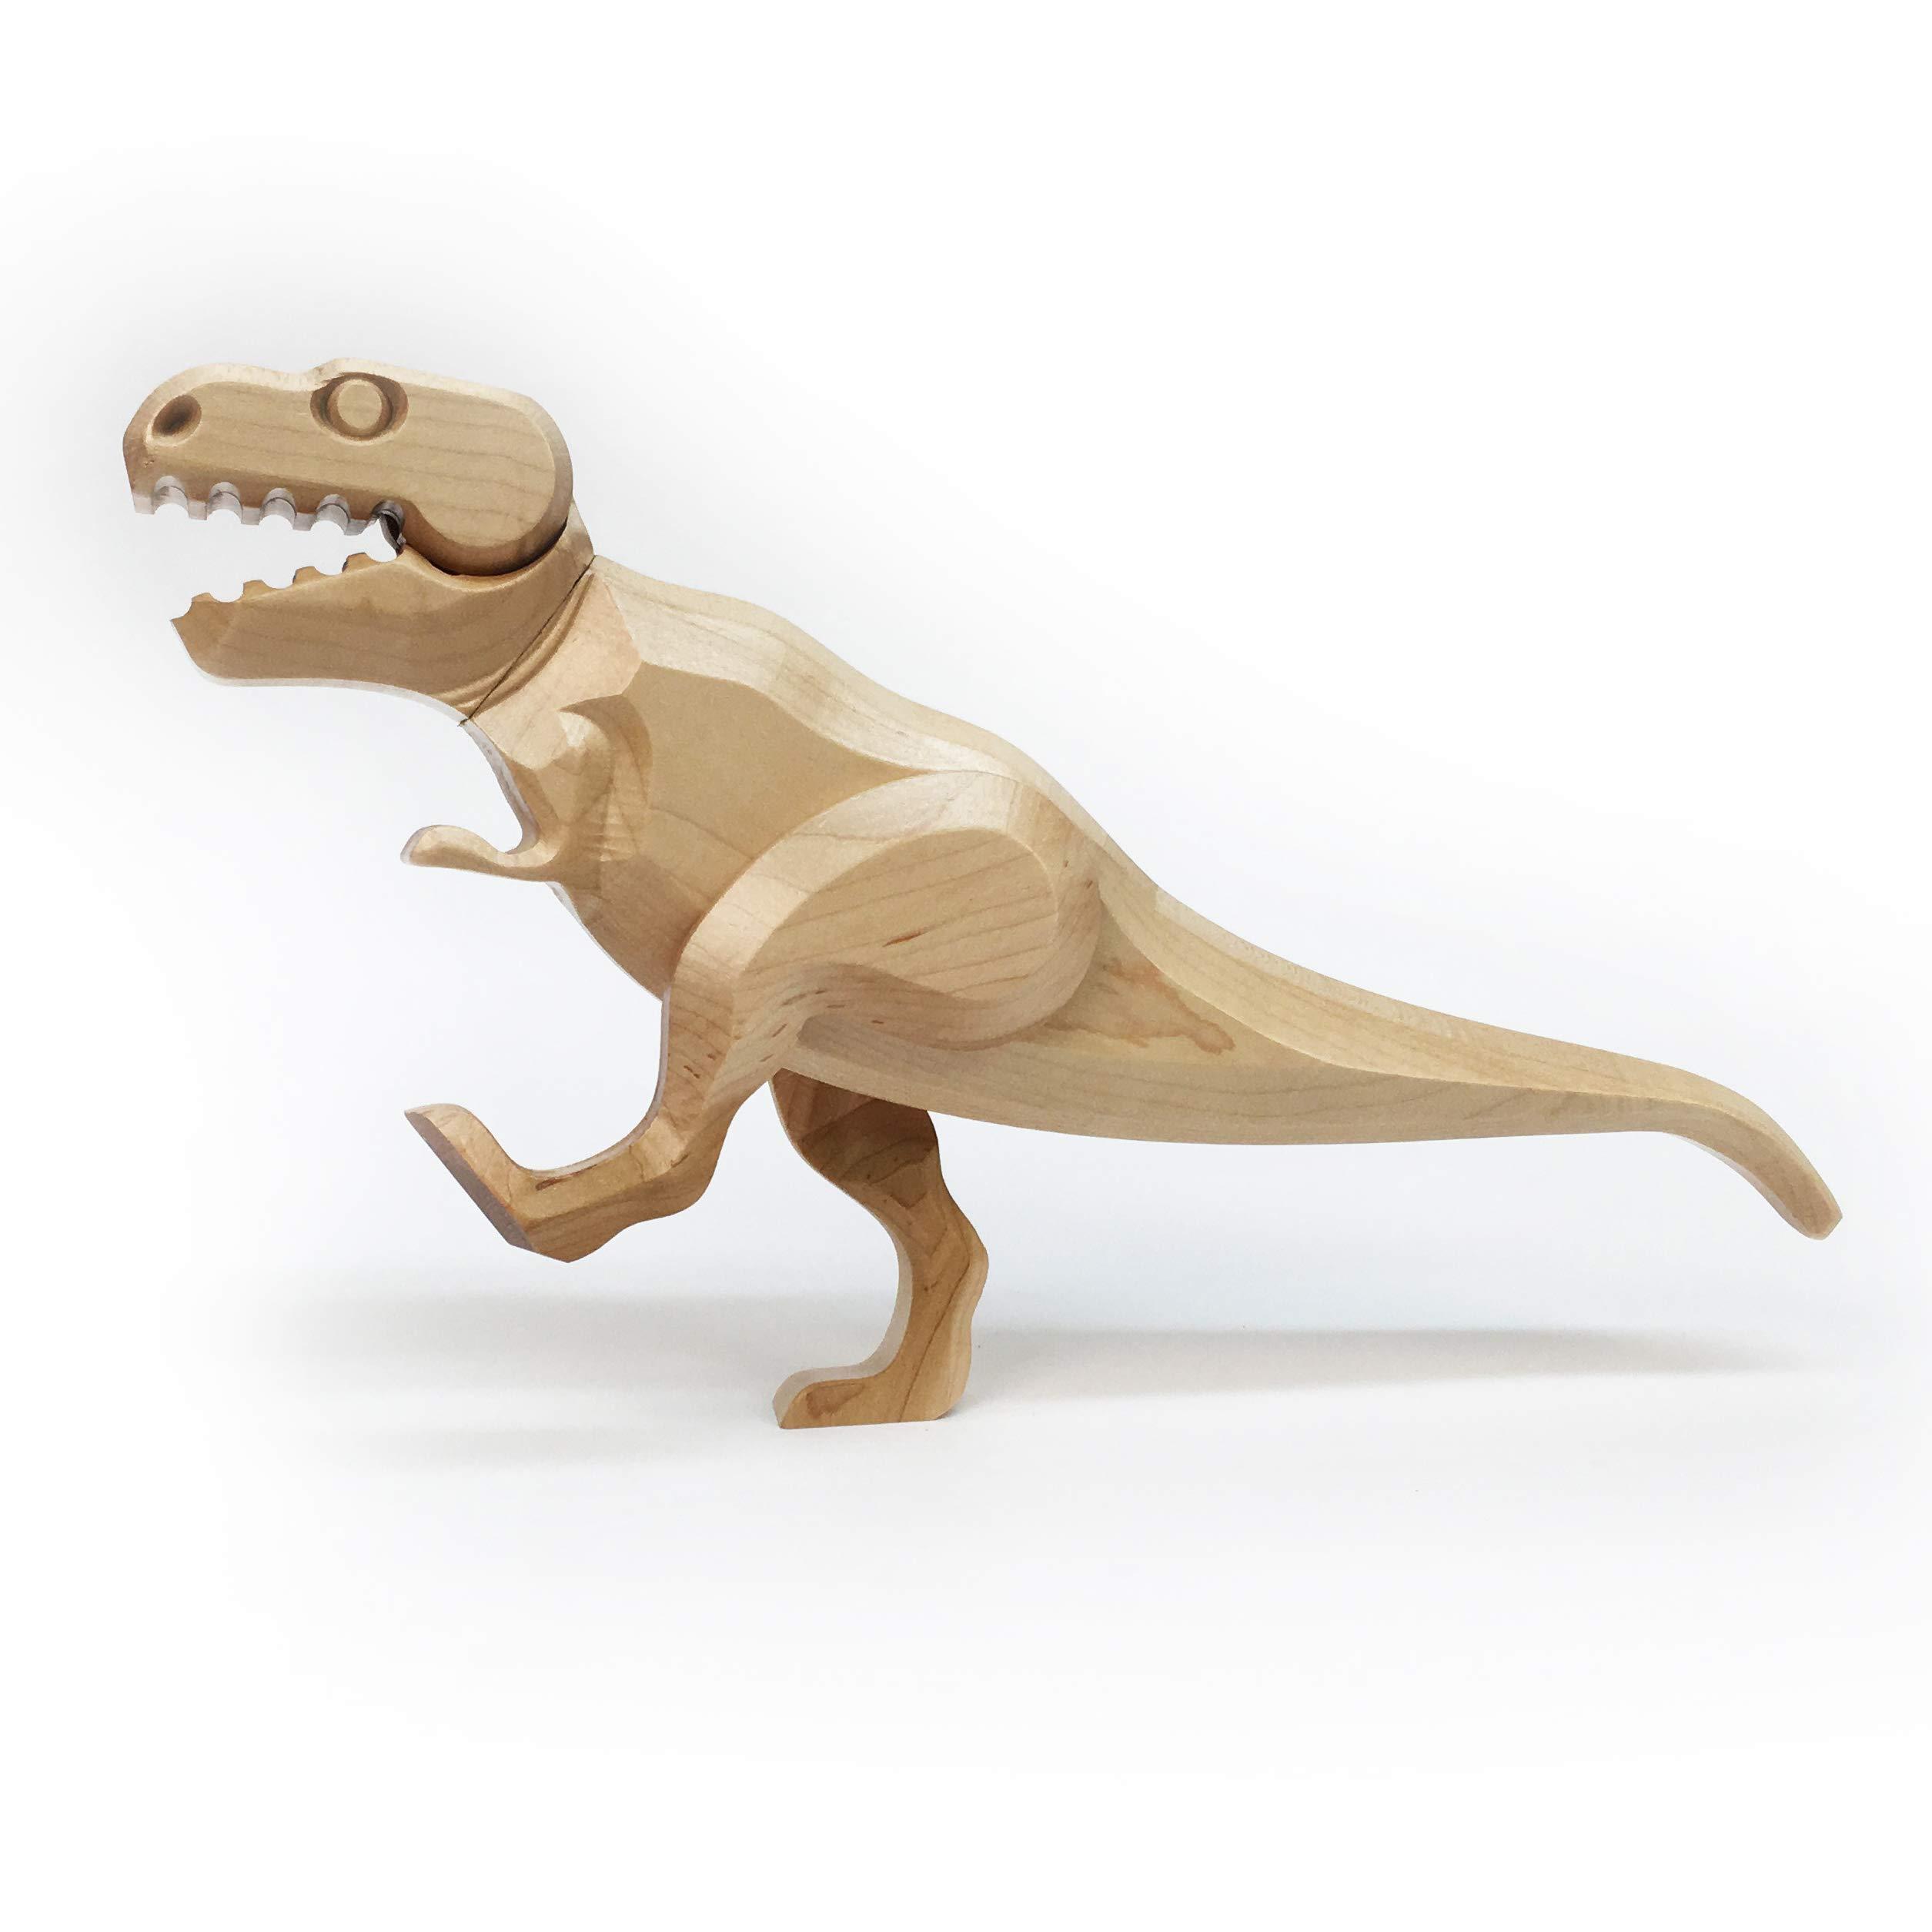 Detour Goods Wooden T-Rex Dinosaur by Detour Goods